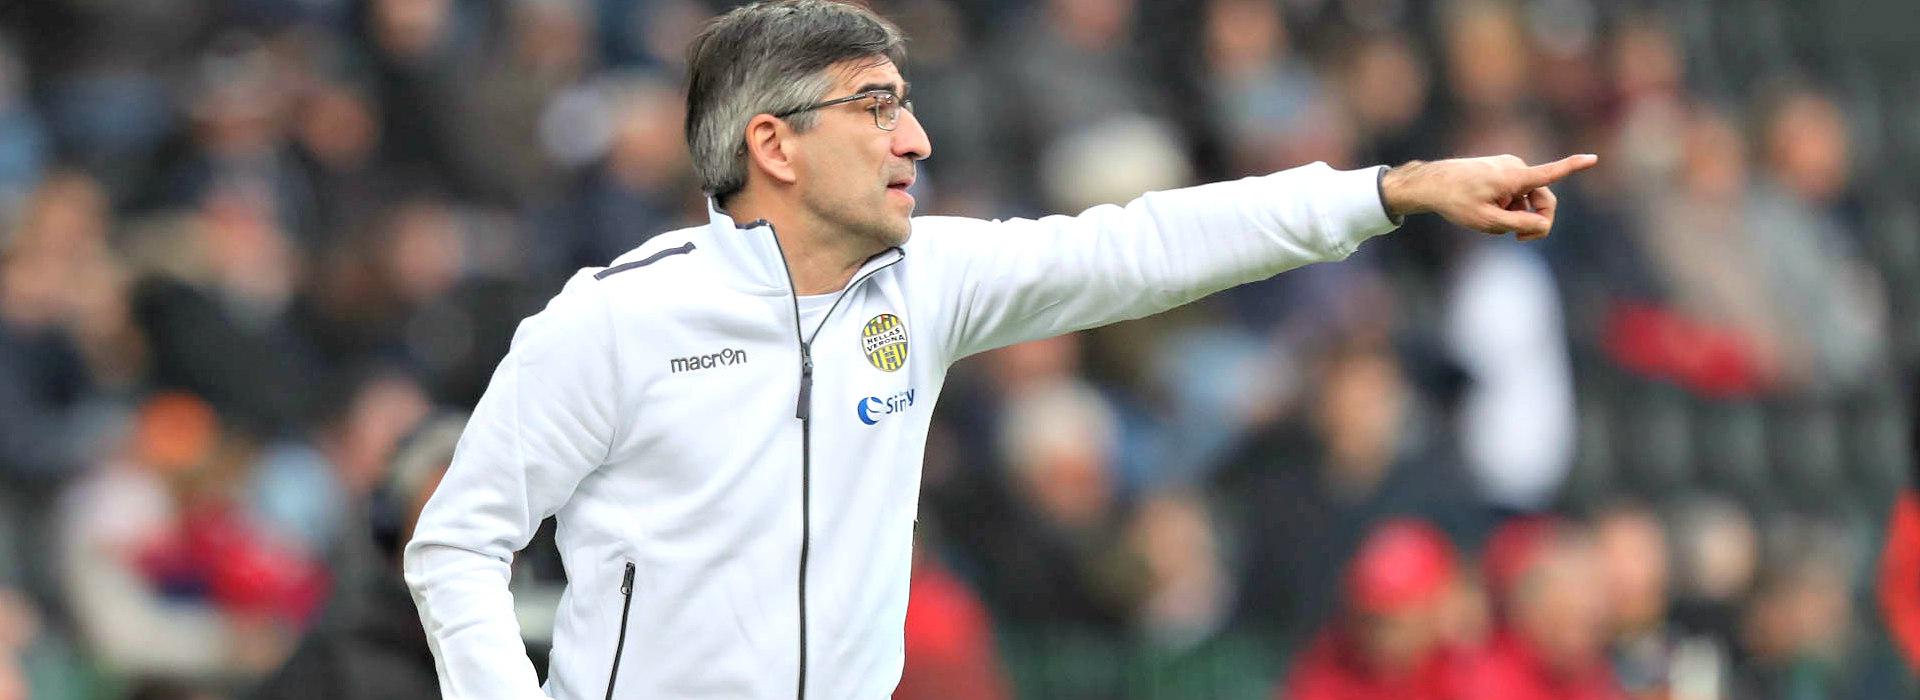 Ivan Juric, allenatore dell'Hellas Verona (Ph. Twitter)